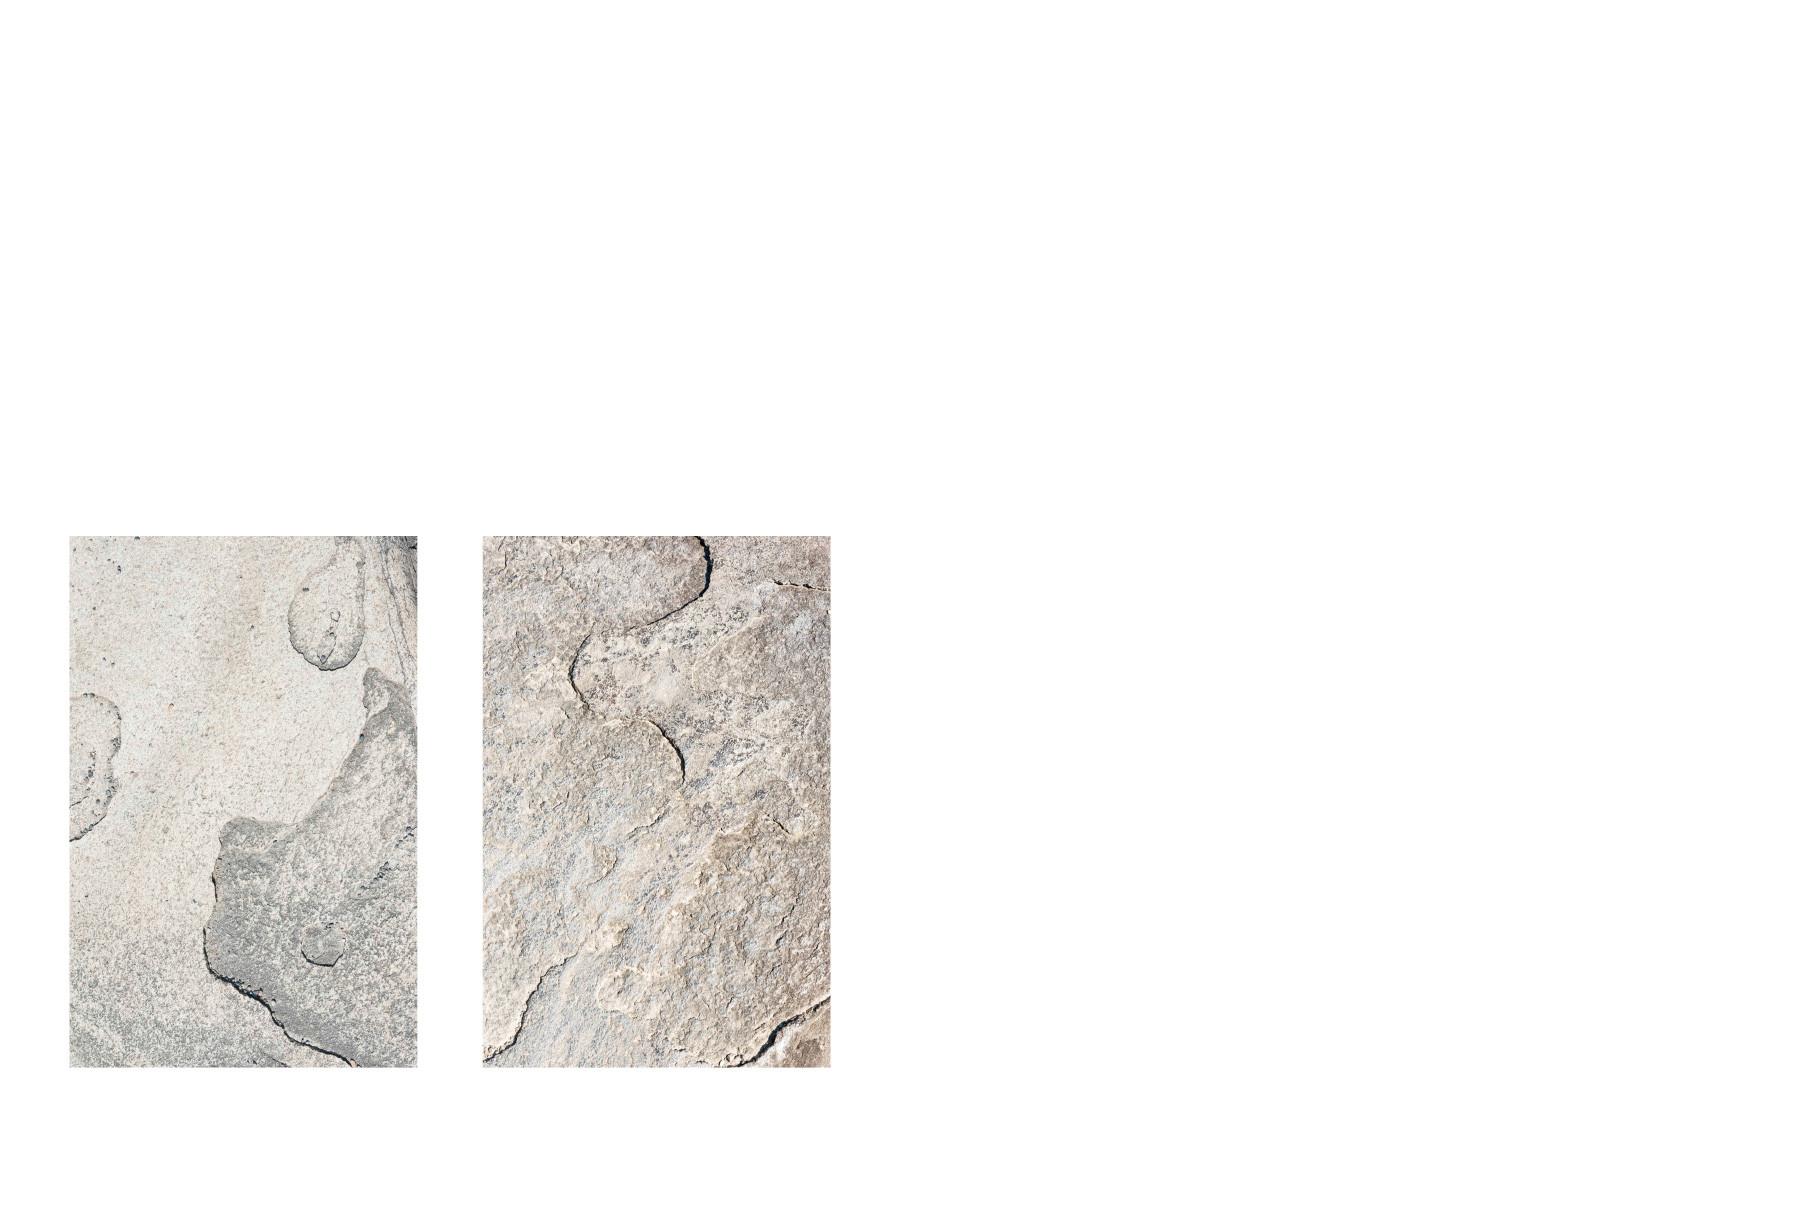 Stones01-14.jpg